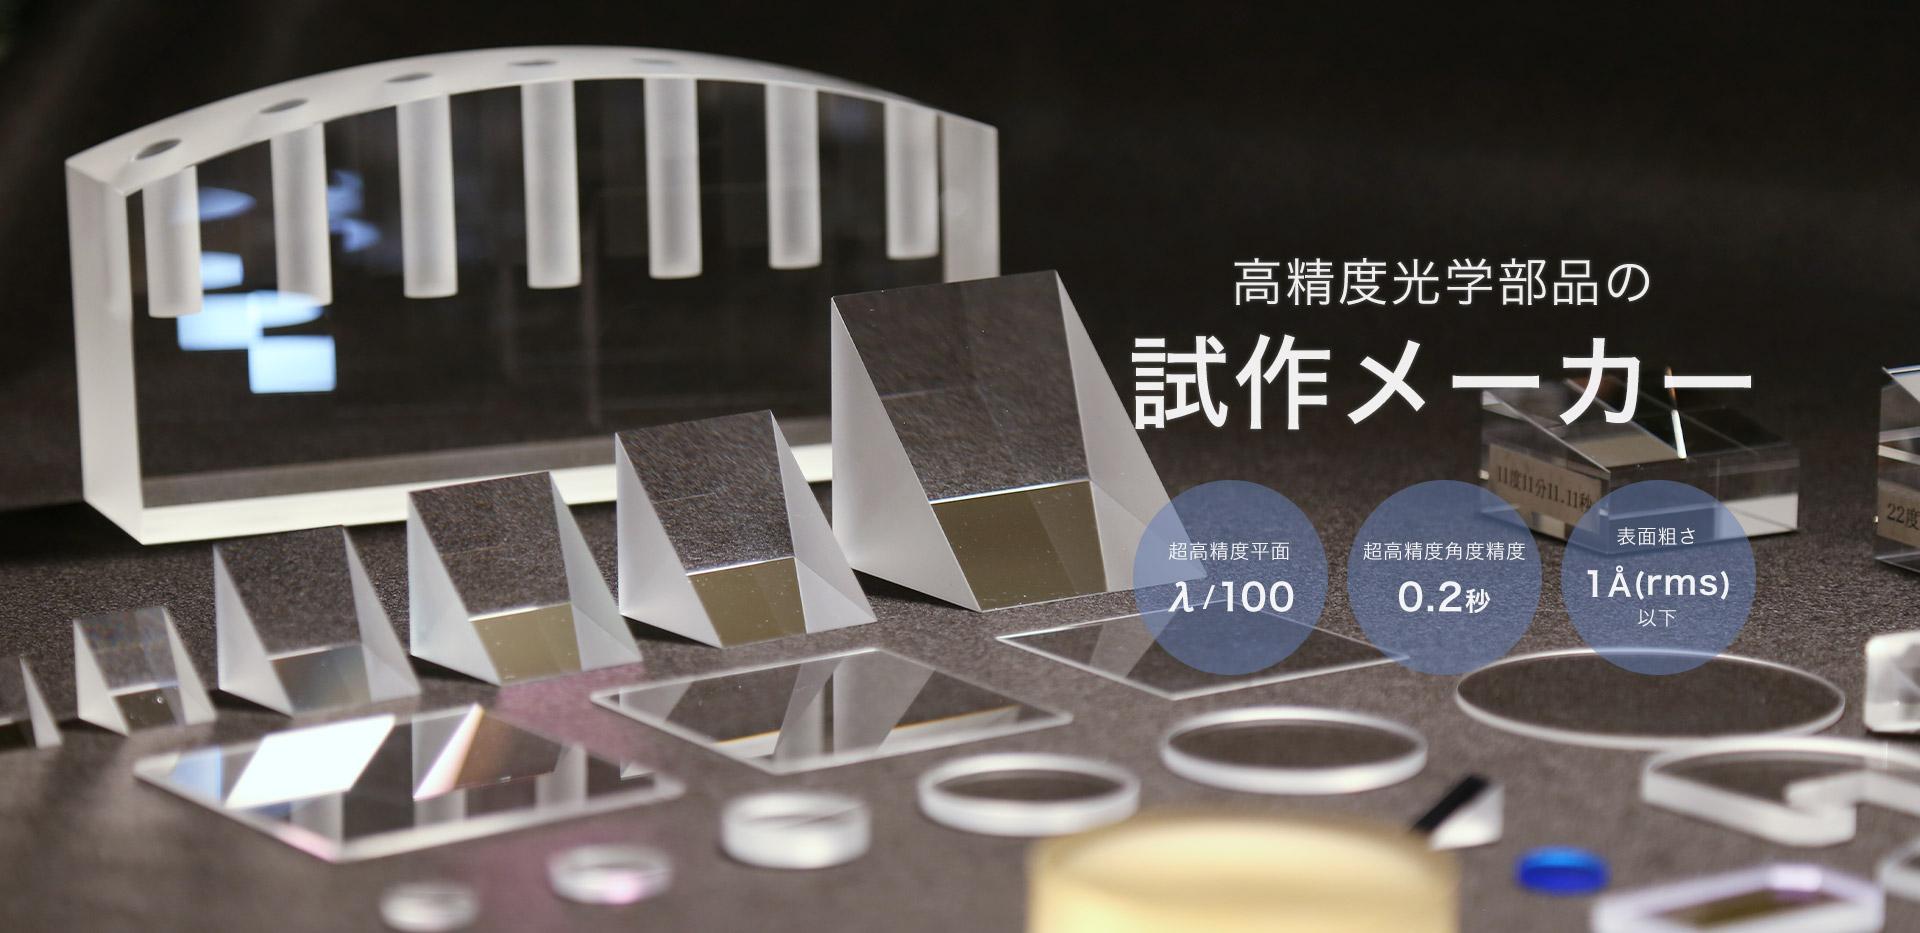 高精度光学部品の試作メーカー